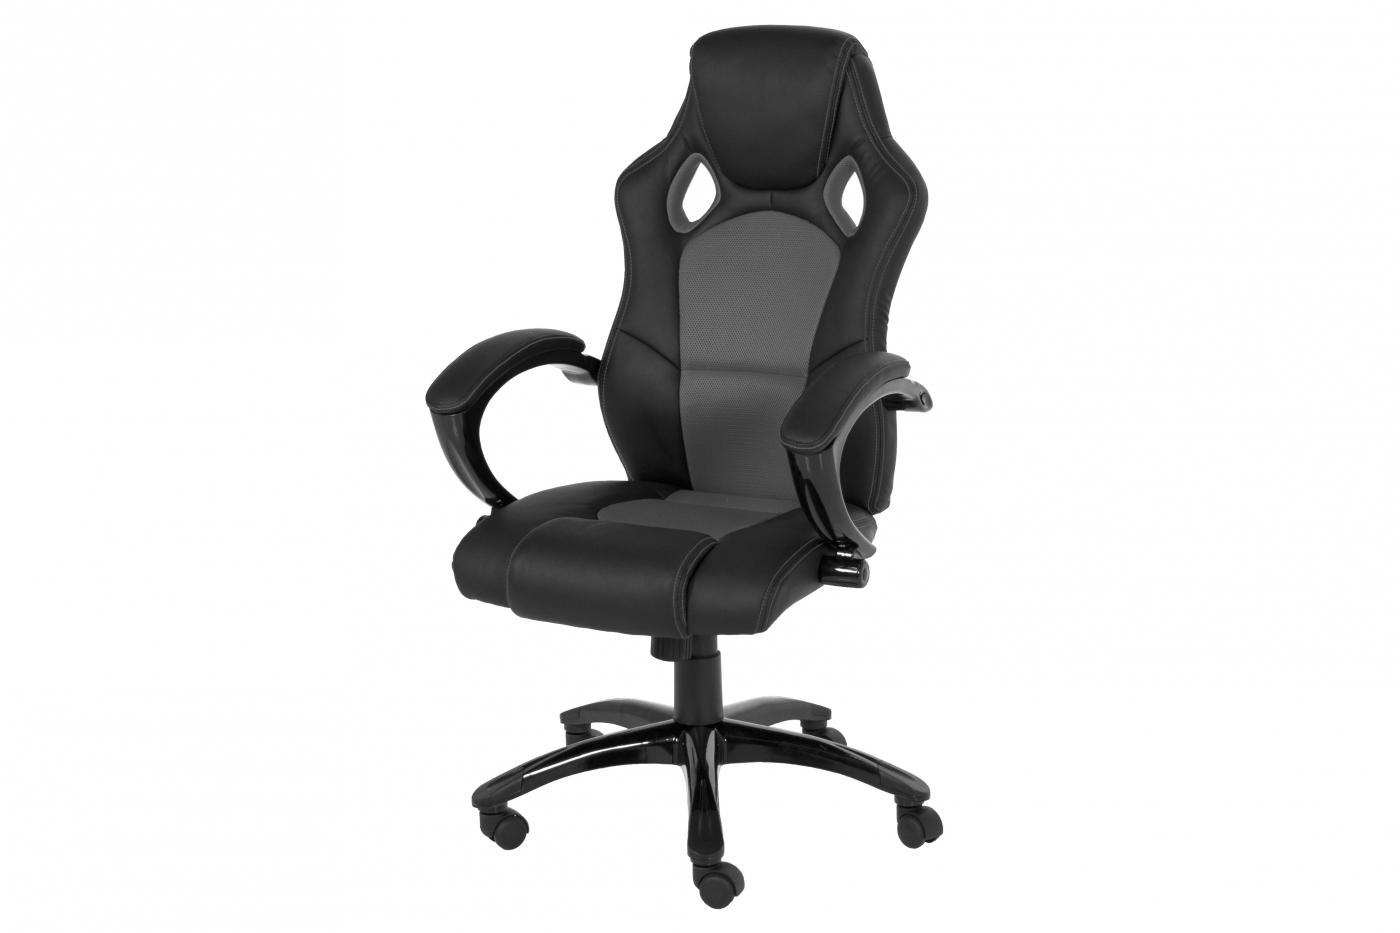 Kancelářská židle Kalyssa, černá / šedá